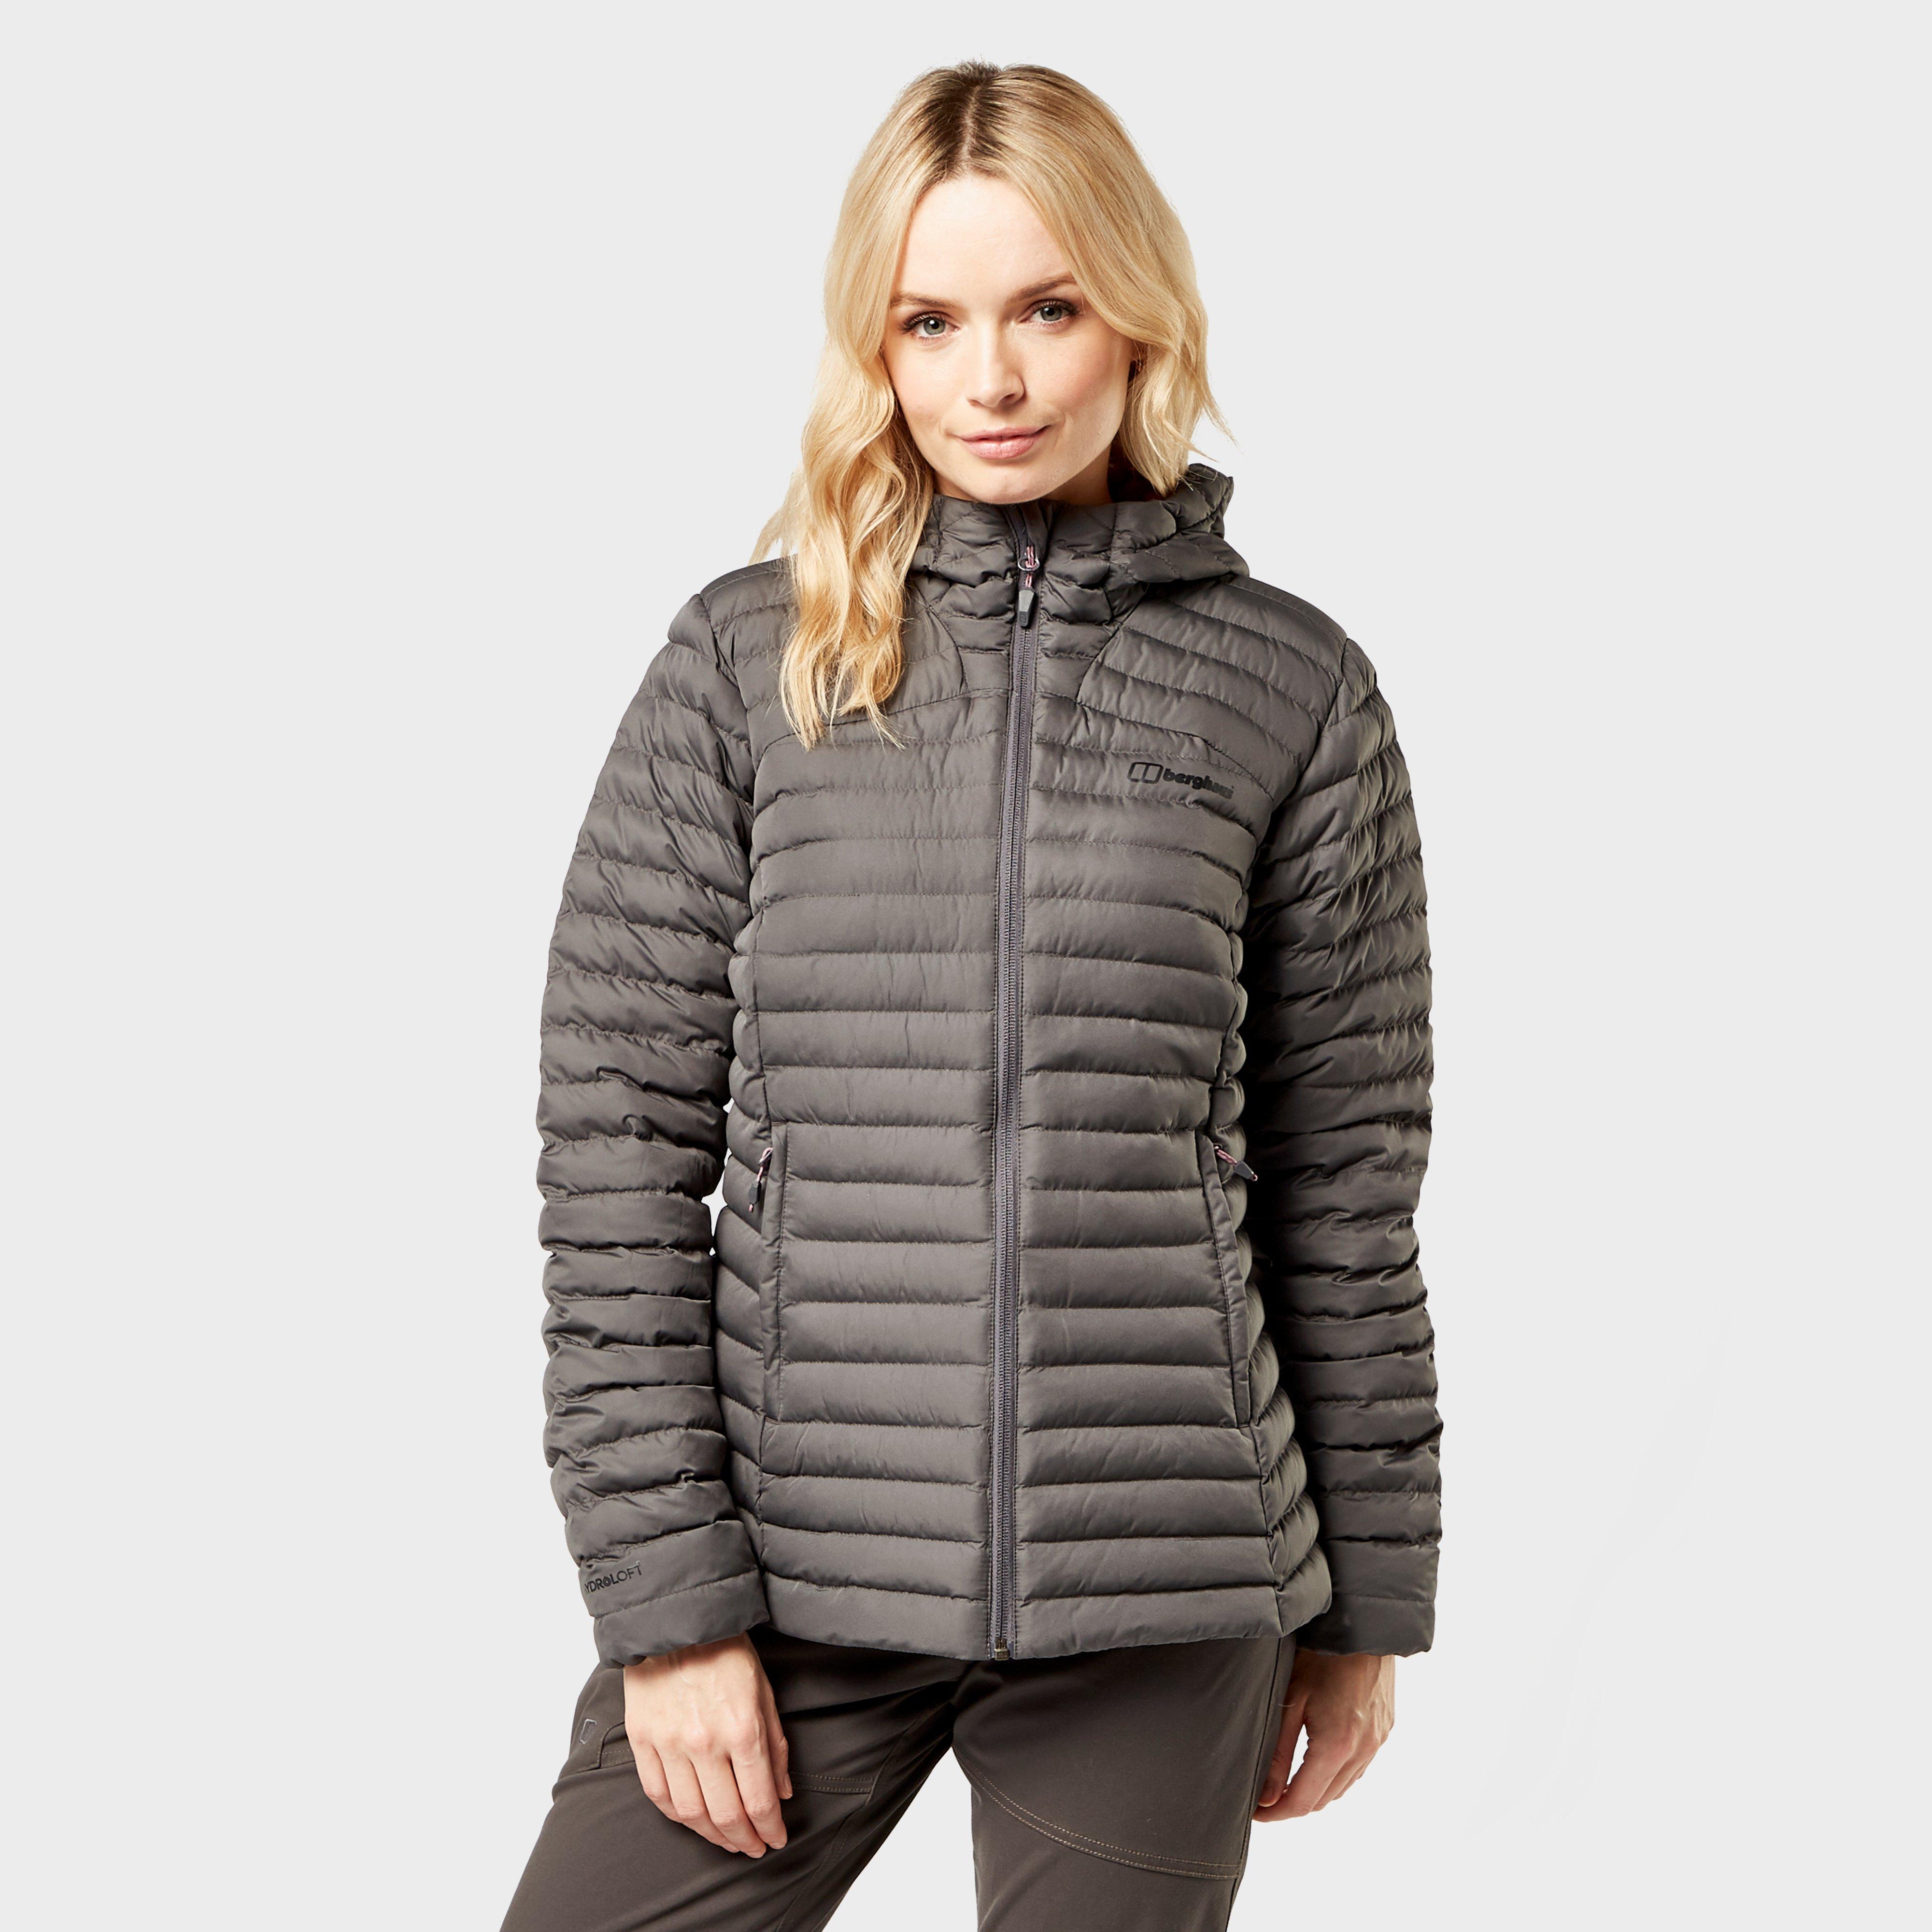 Berghaus Womens Talmine Jacket - Grey/gry  Grey/gry